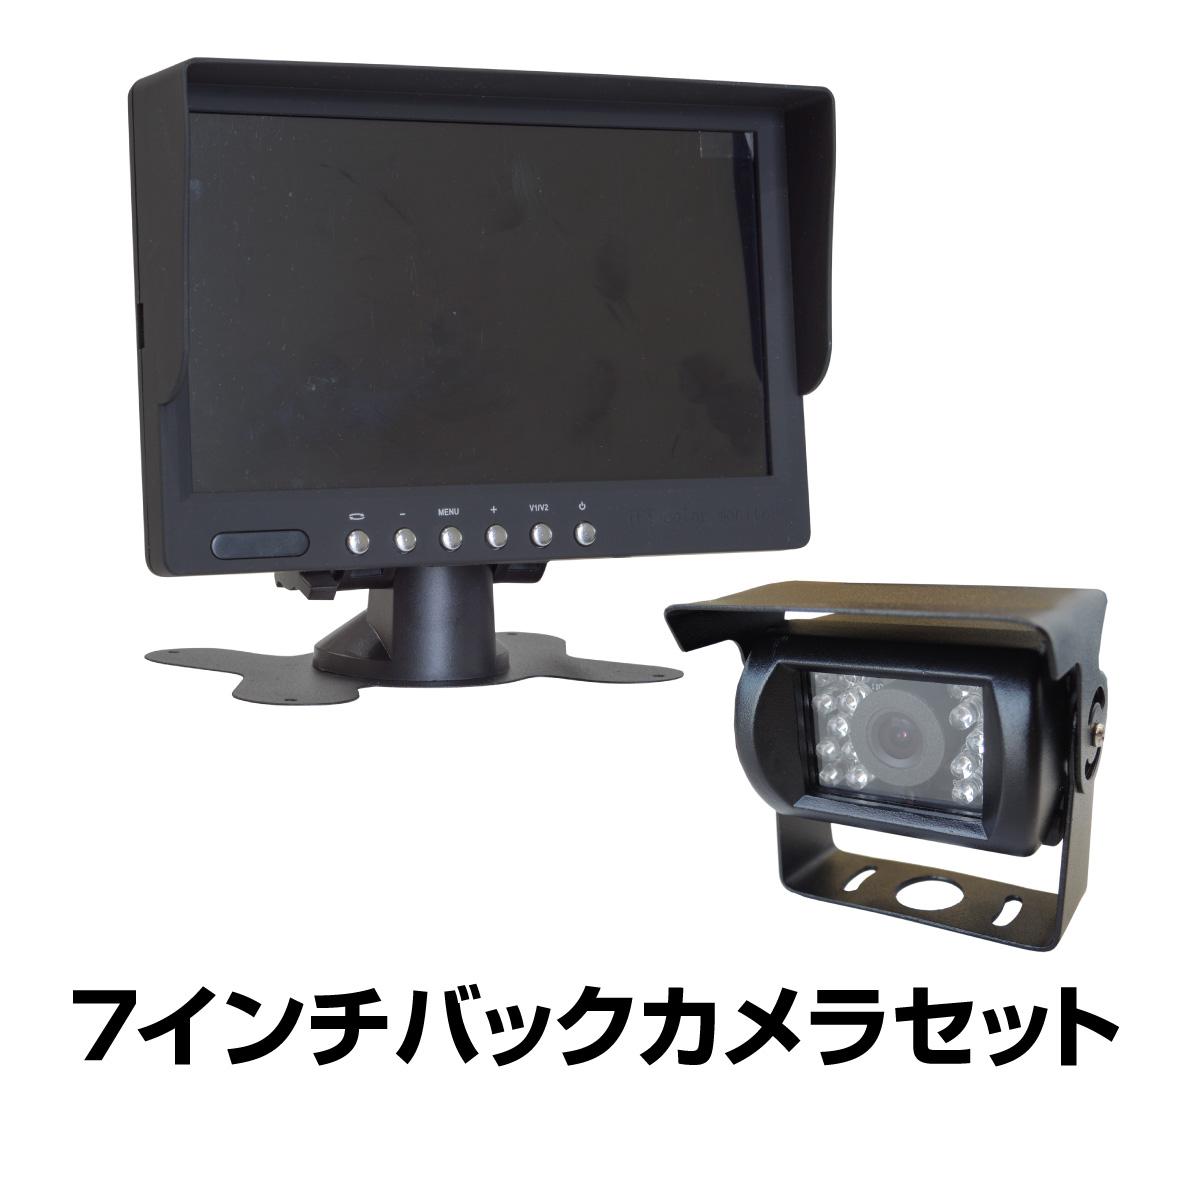 バックカメラ セット 12V 24V 広角 防水 7インチ オンダッシュモニター 赤外線暗視機能 映像調節機能 20M延長配線付属 普通車 トラック _43111